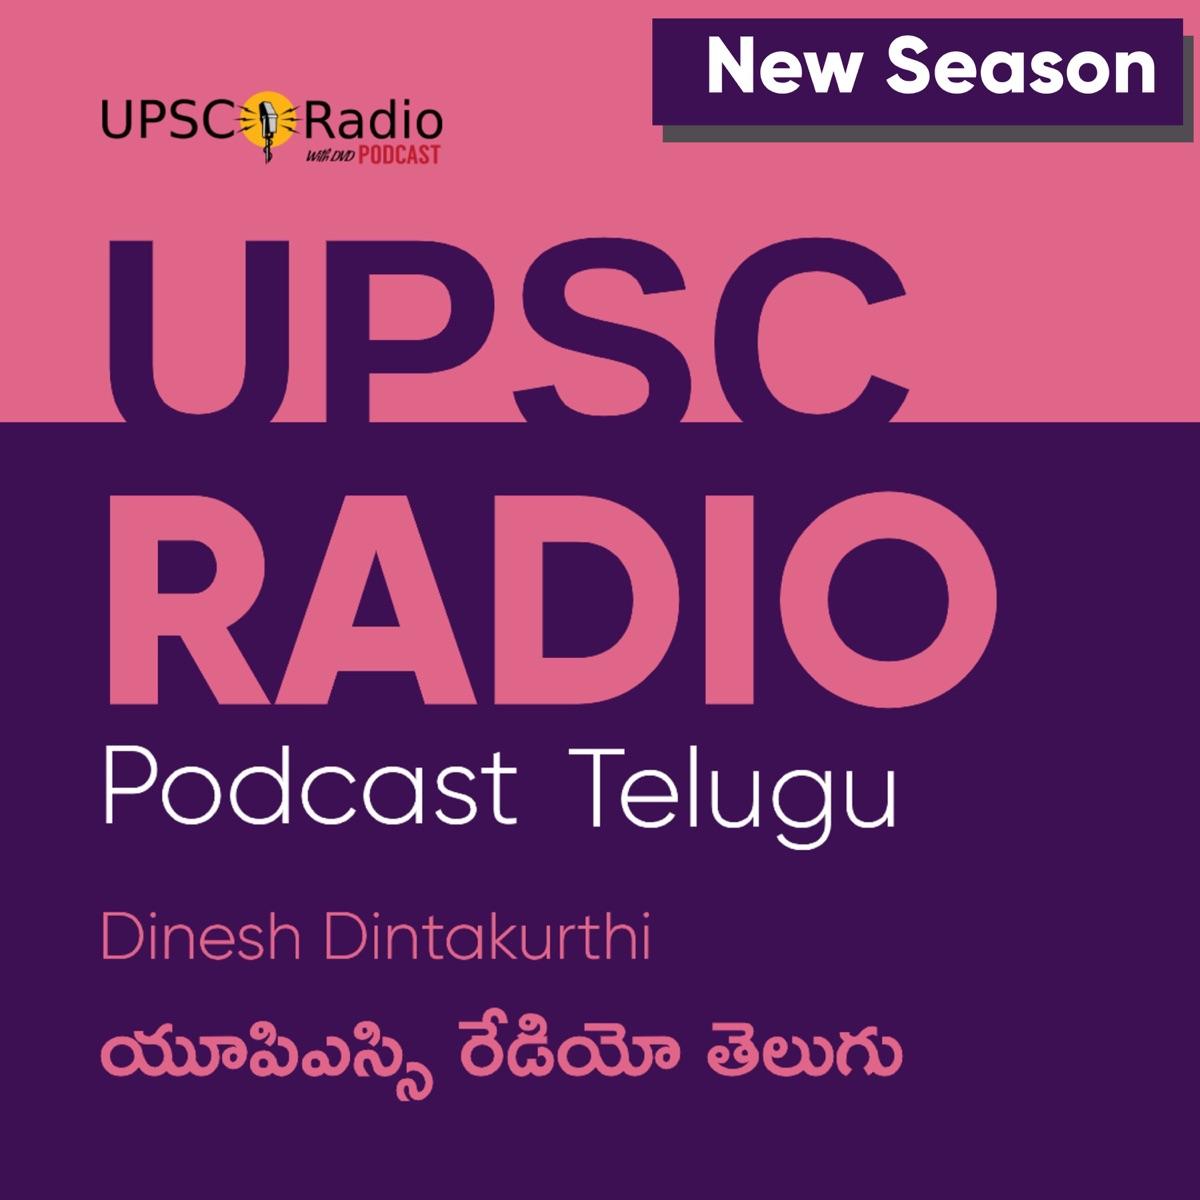 UPSC Radio Podcast (Telugu)